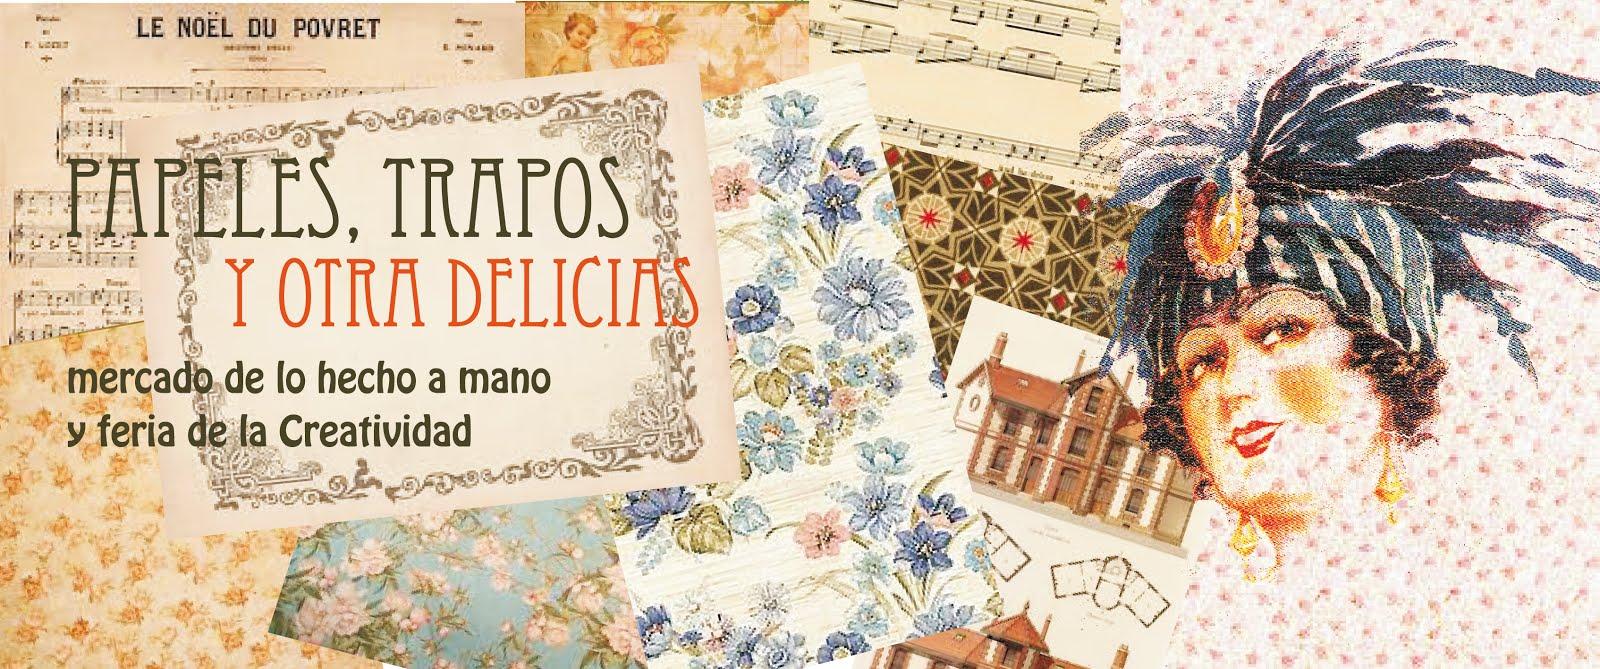 Papeles Trapos y otras Delicias Mercado de lo hecho a mano Santillana del Mar